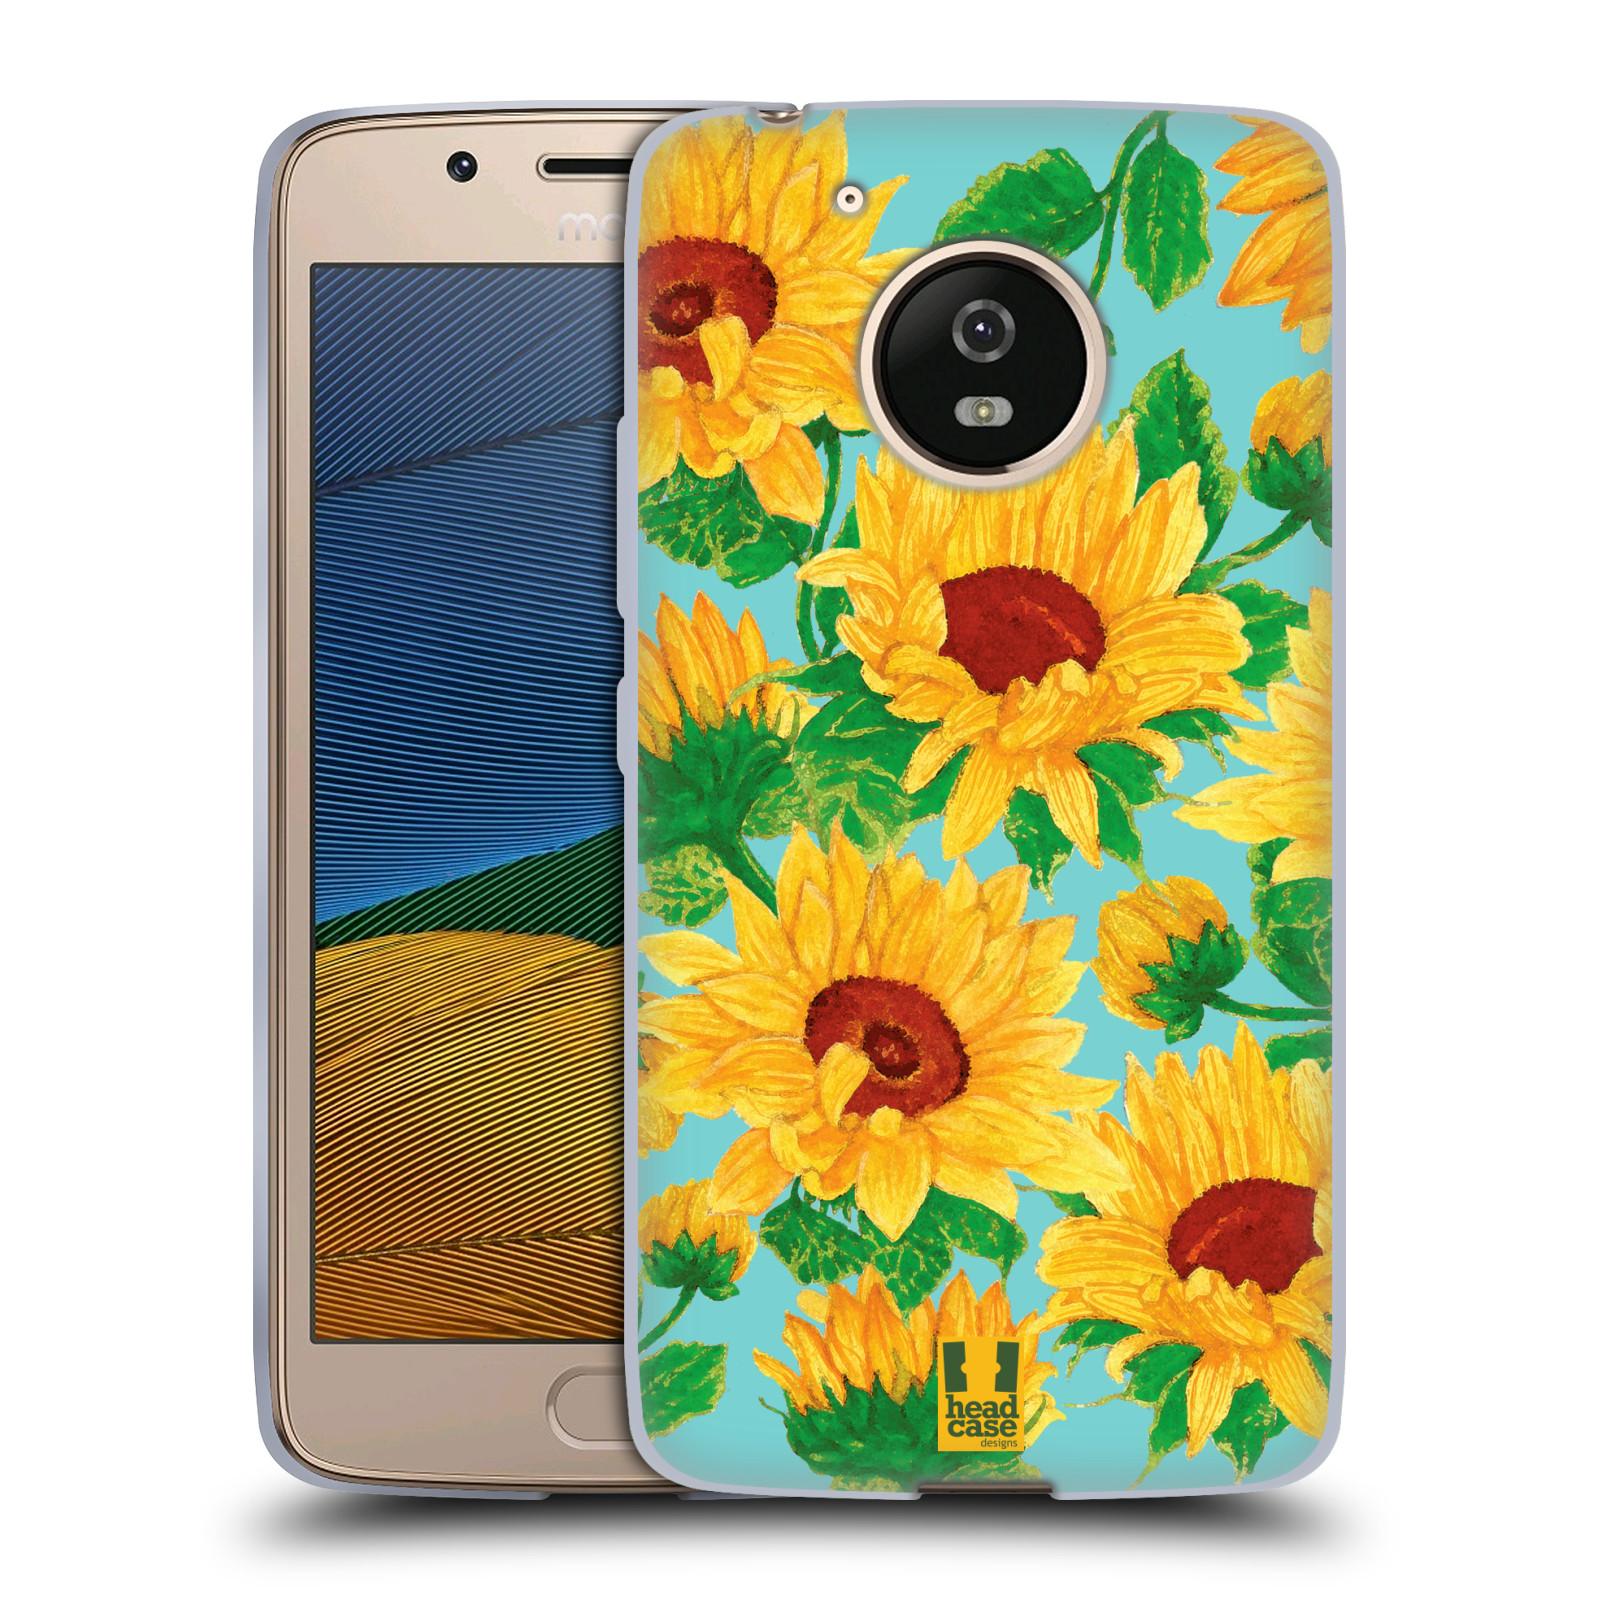 Silikonové pouzdro na mobil Lenovo Moto G5 - Head Case Slunečnice (Silikonový kryt či obal na mobilní telefon Lenovo Moto G5)